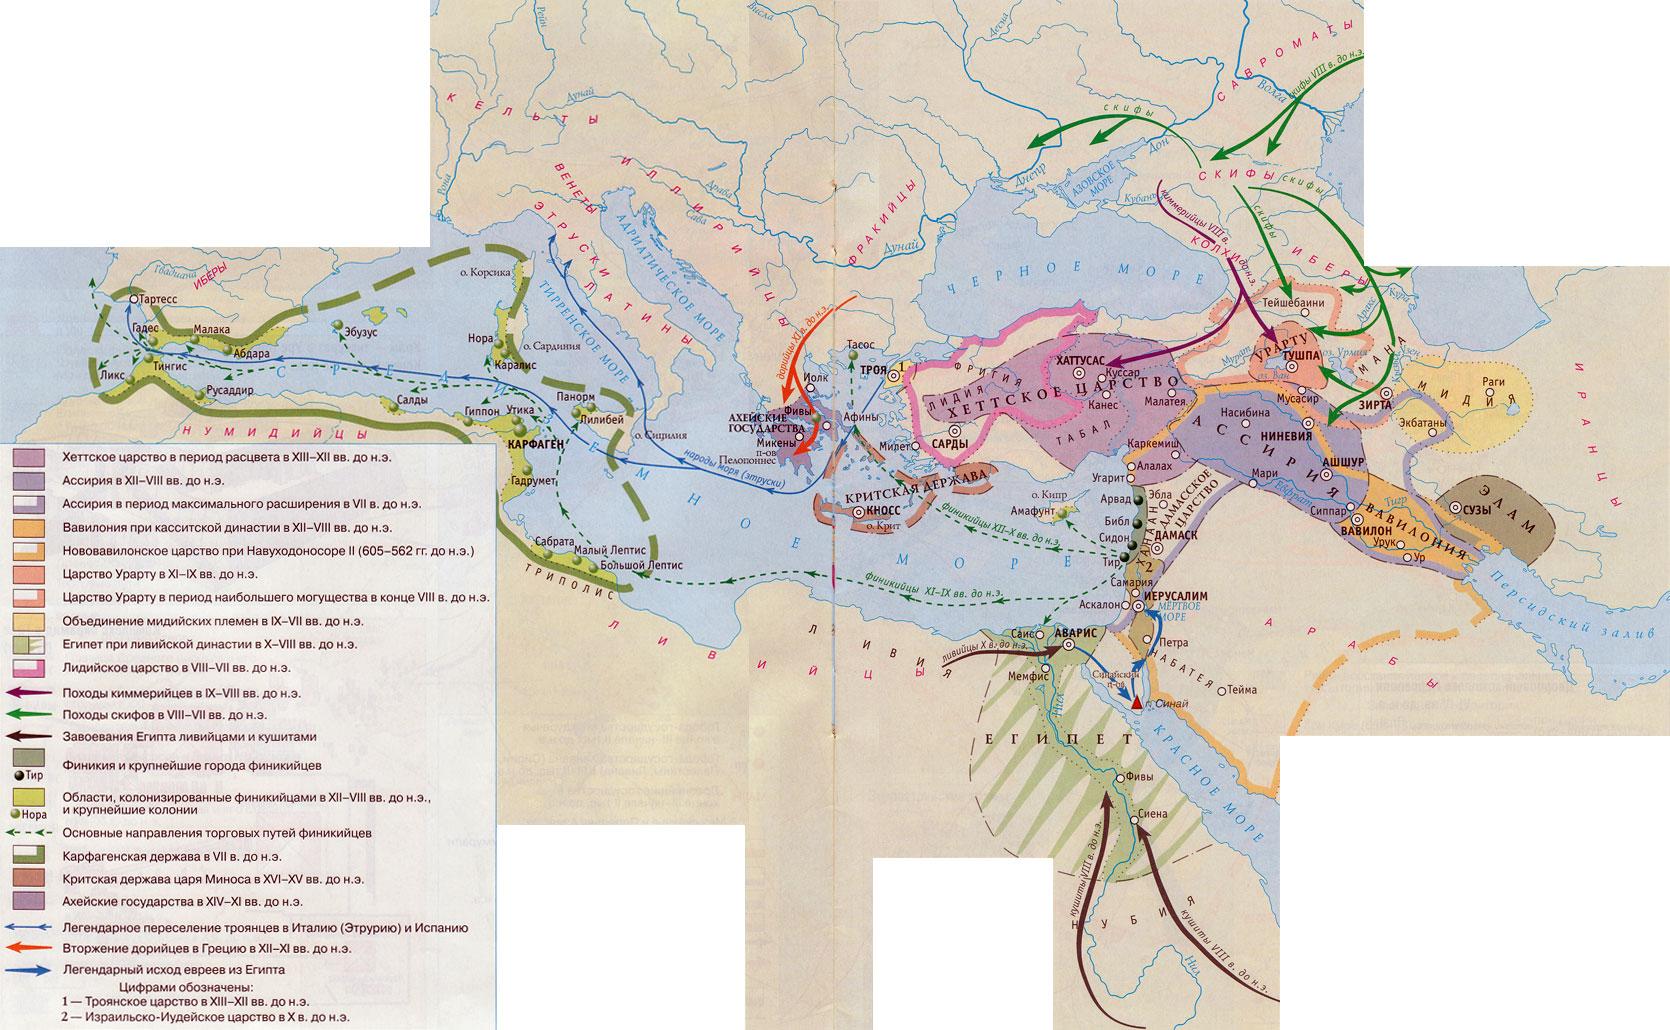 Смотреть онлайн атлас по истории древнего мира 5 класс